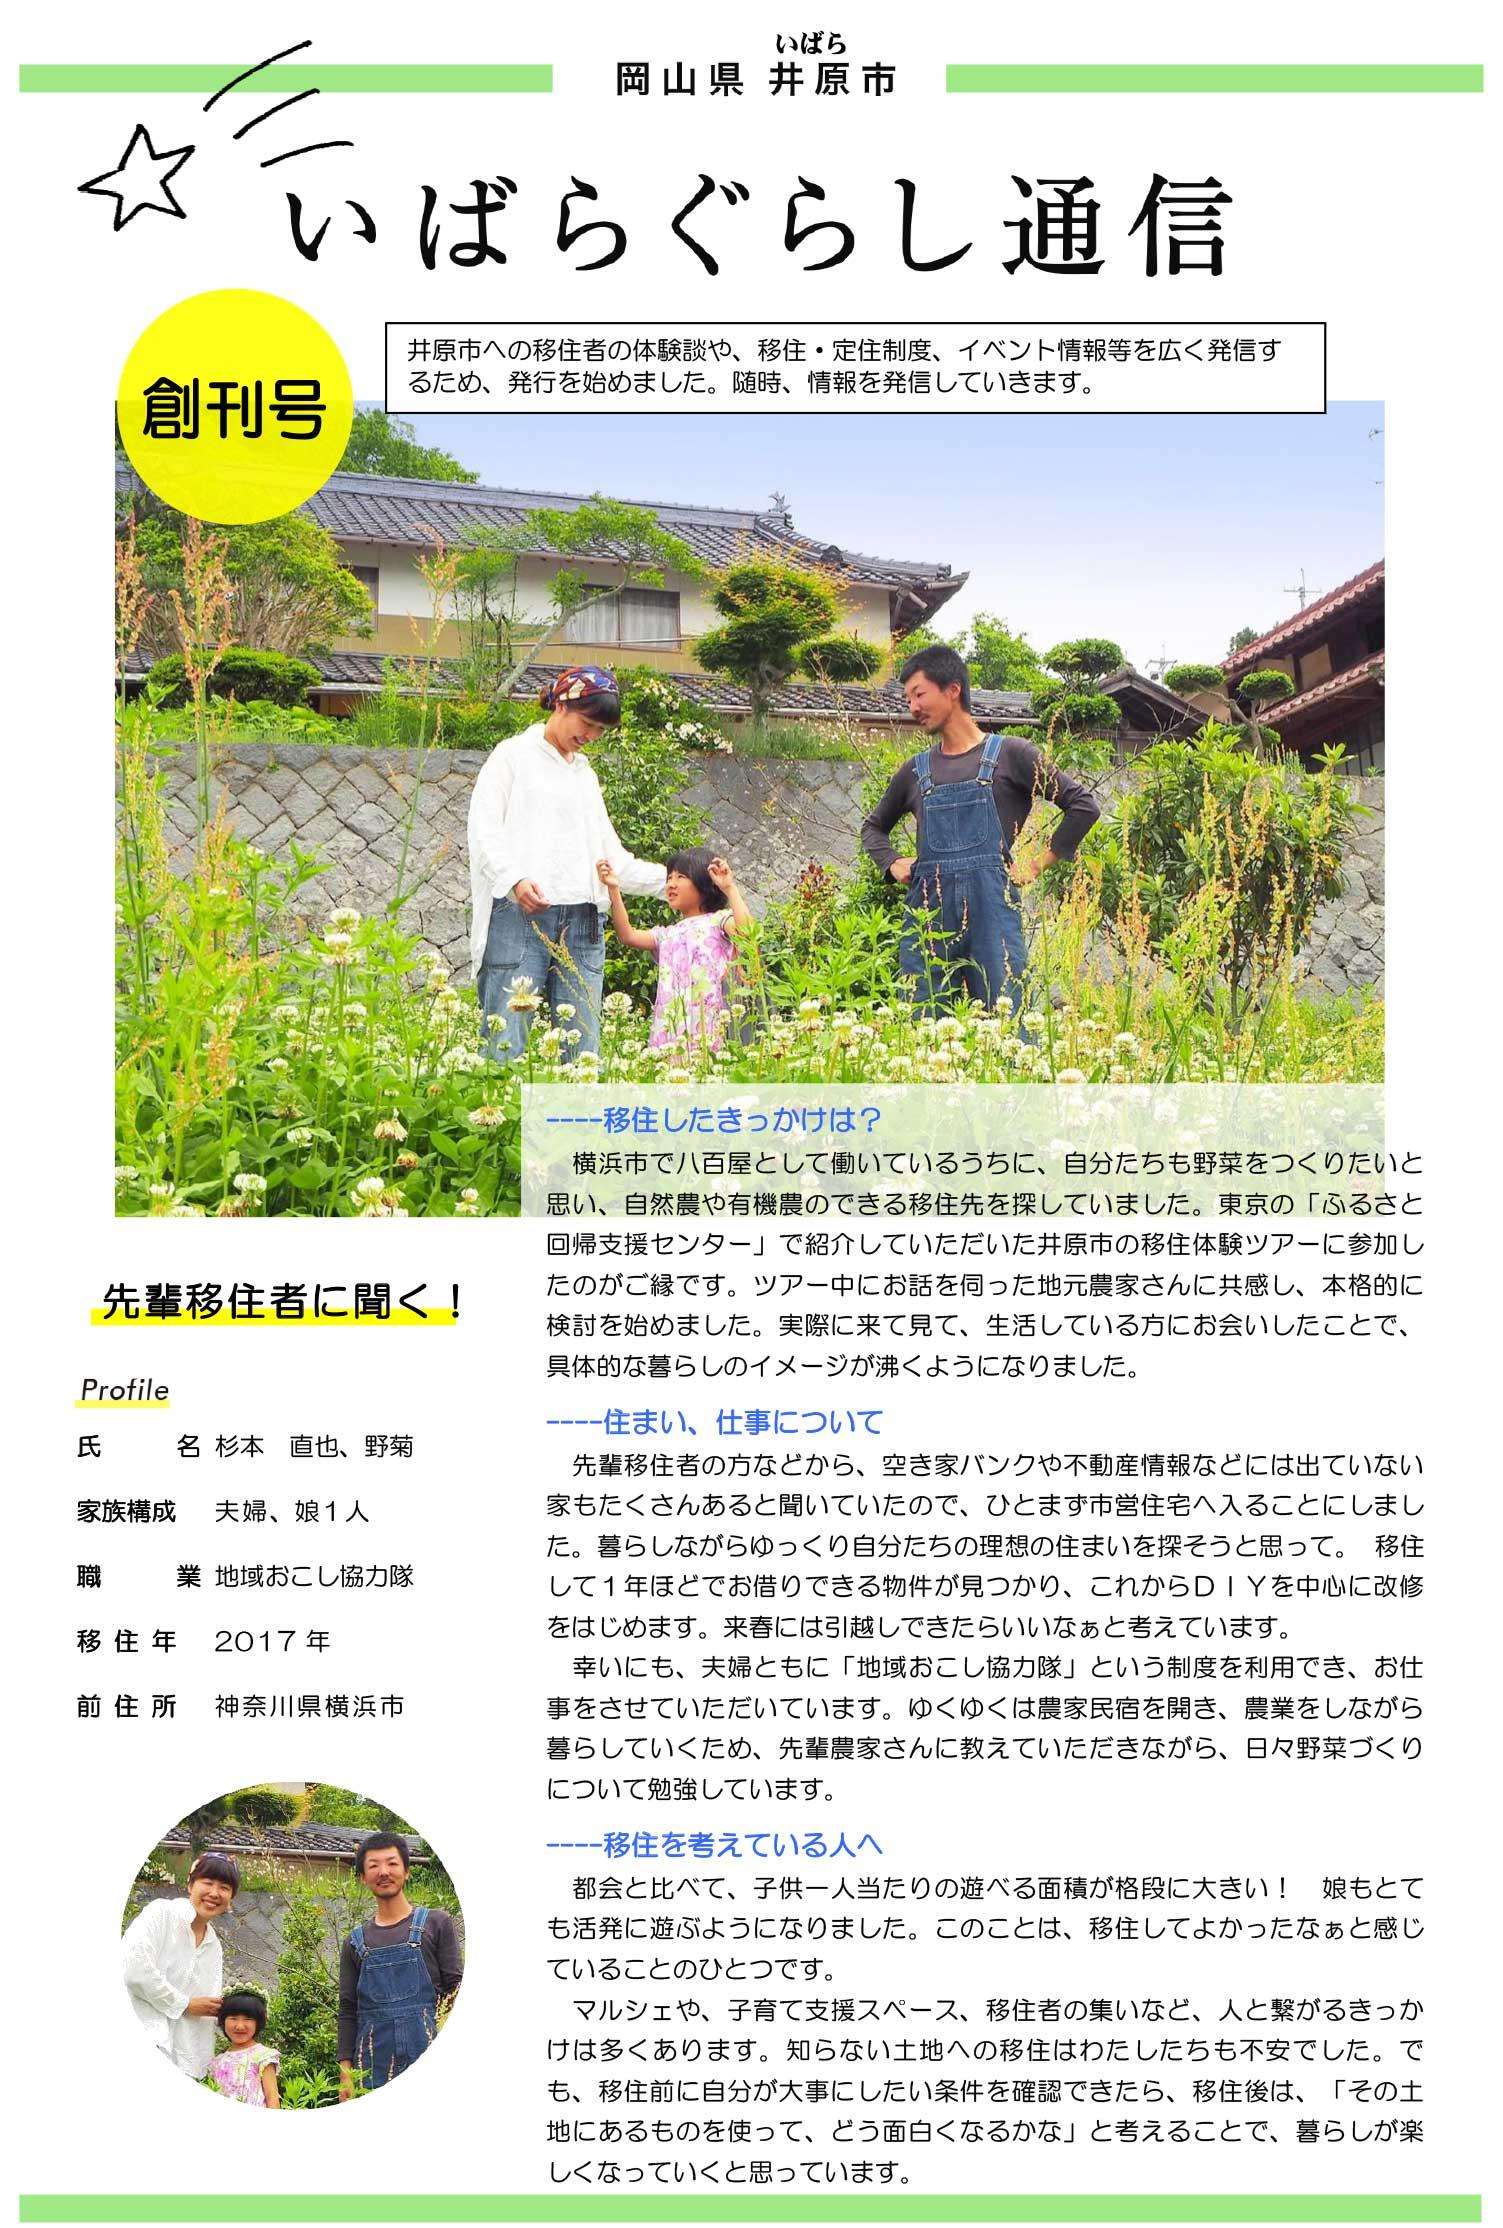 https://www.okayama-iju.jp/municipality/06ibara/ibaragurashi-tuushin-1.jpg